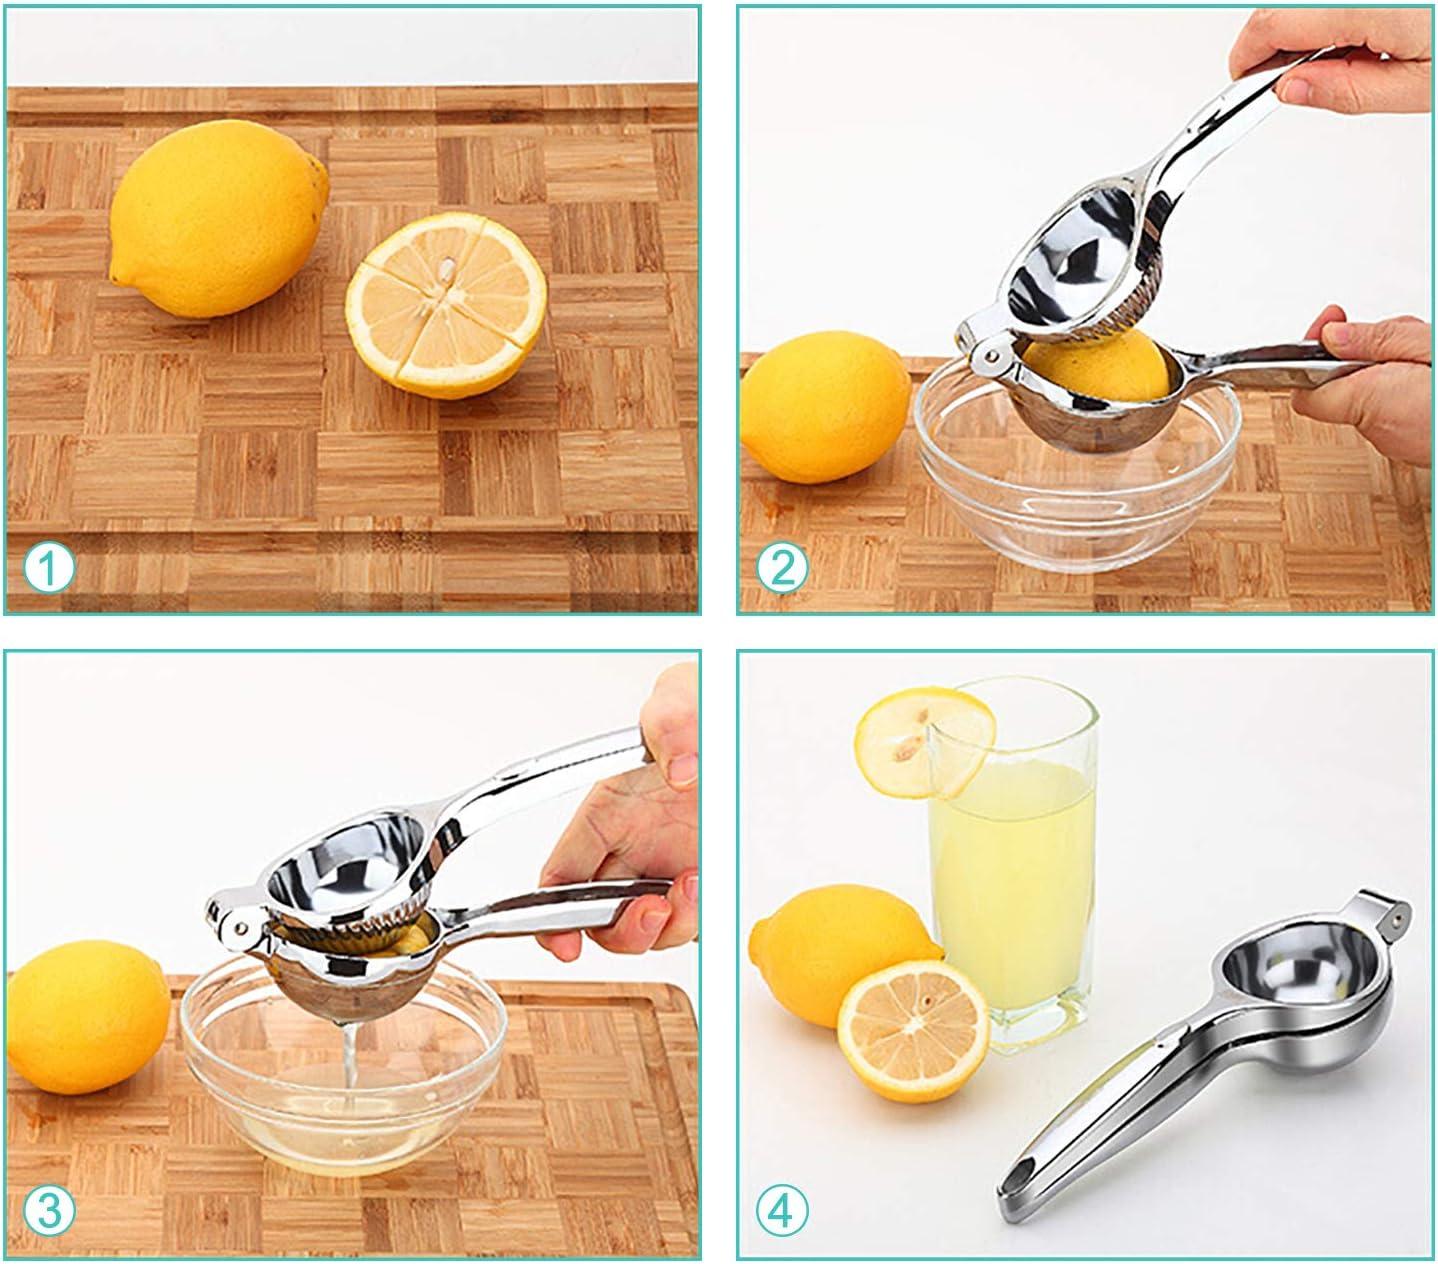 #N//A Creativo Manuale spremiagrumi casa spremere Limone spremiagrumi Mini Arancia spremere spremiagrumi spremiagrumi Piccoli Strumenti di Frutta